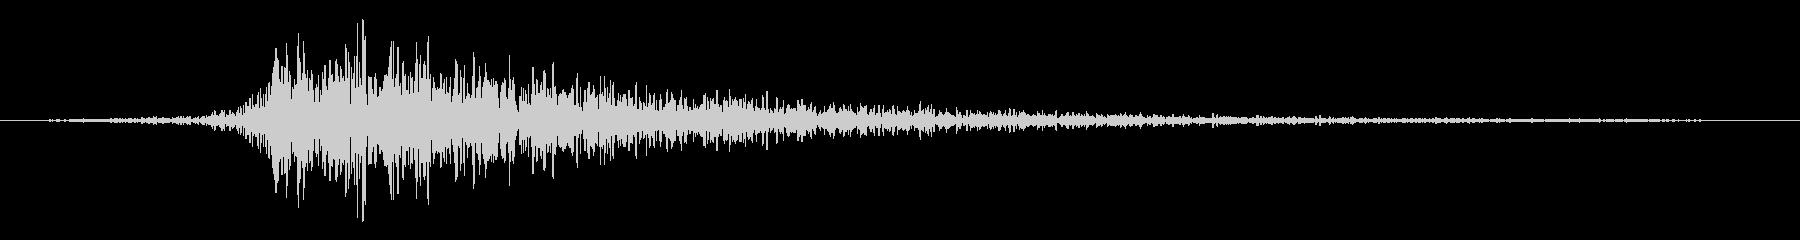 打撃 リバービーダークインパクト01の未再生の波形